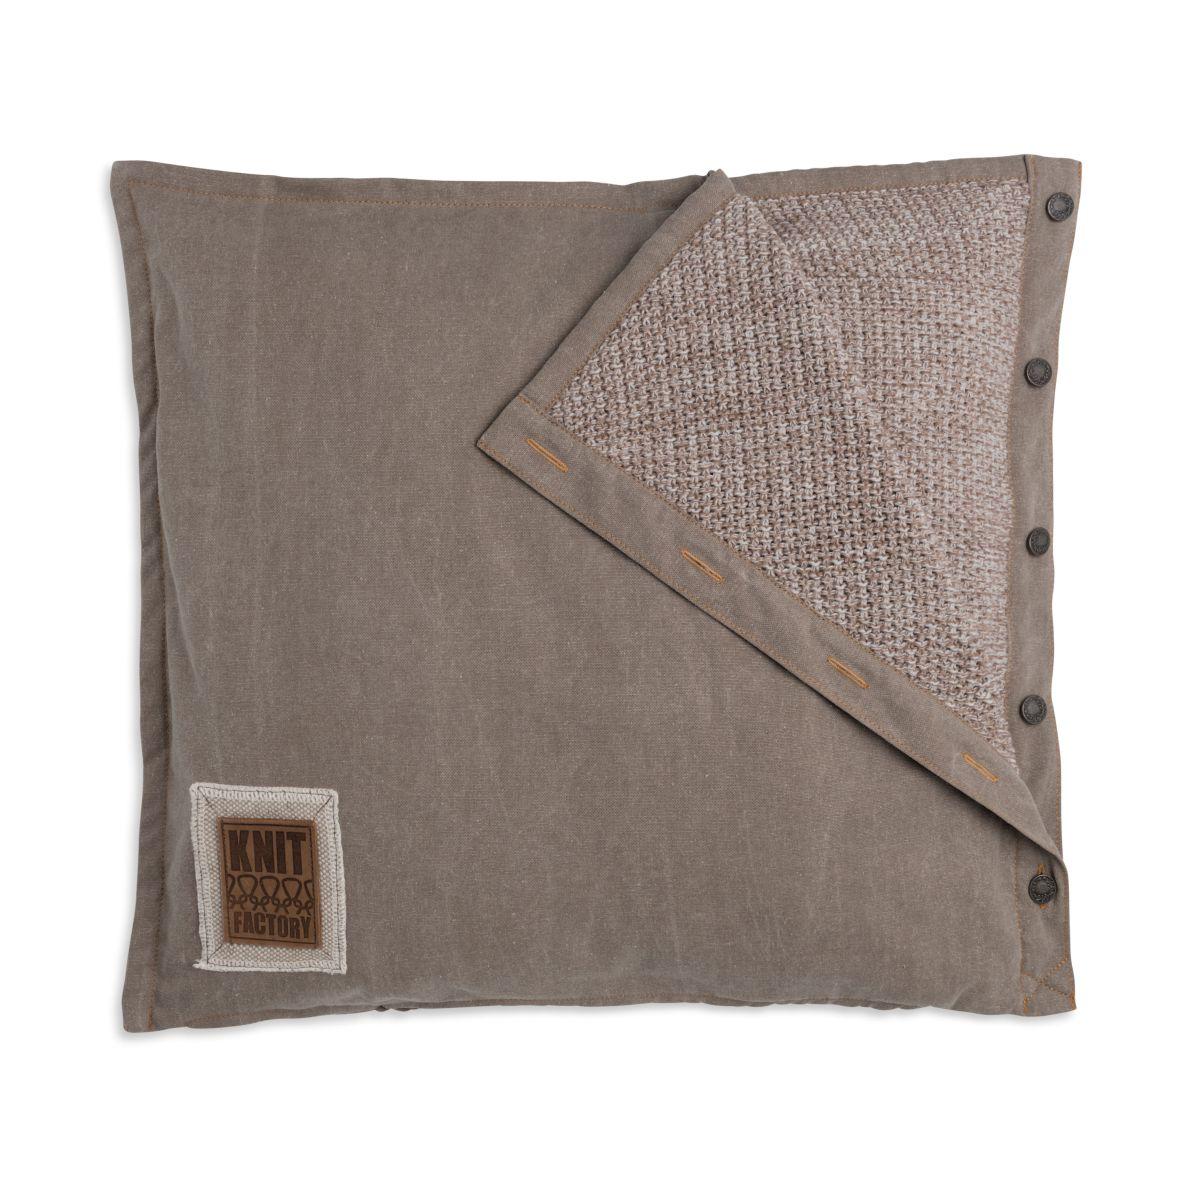 knit factory 1321252 rick kussen 50x50 beige marron 1